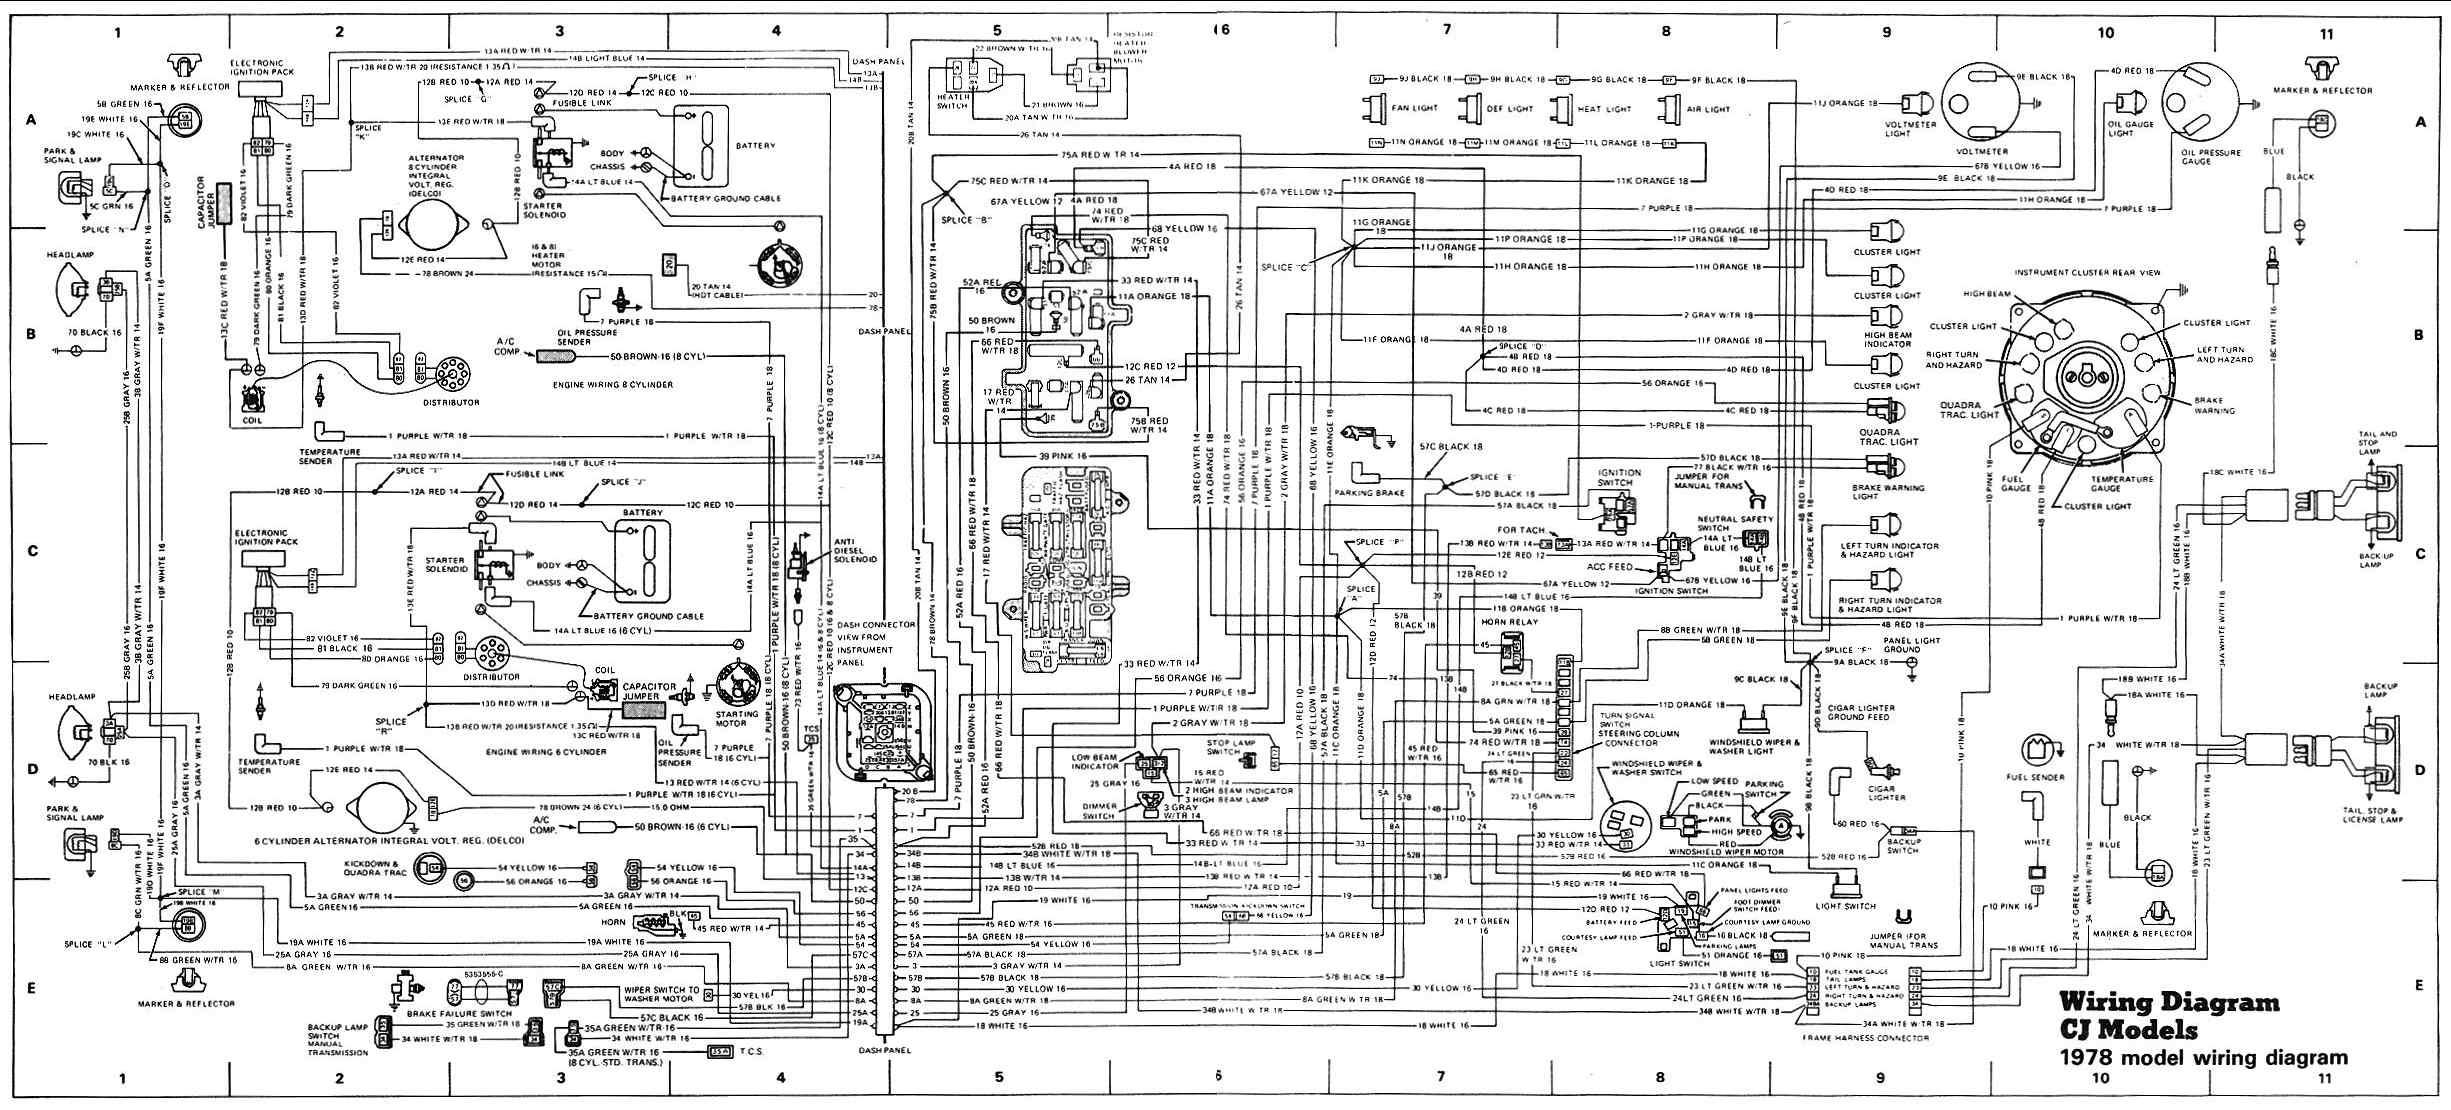 Tolle Cj7 Scheinwerferschalter Schaltplan Zeitgenössisch ...